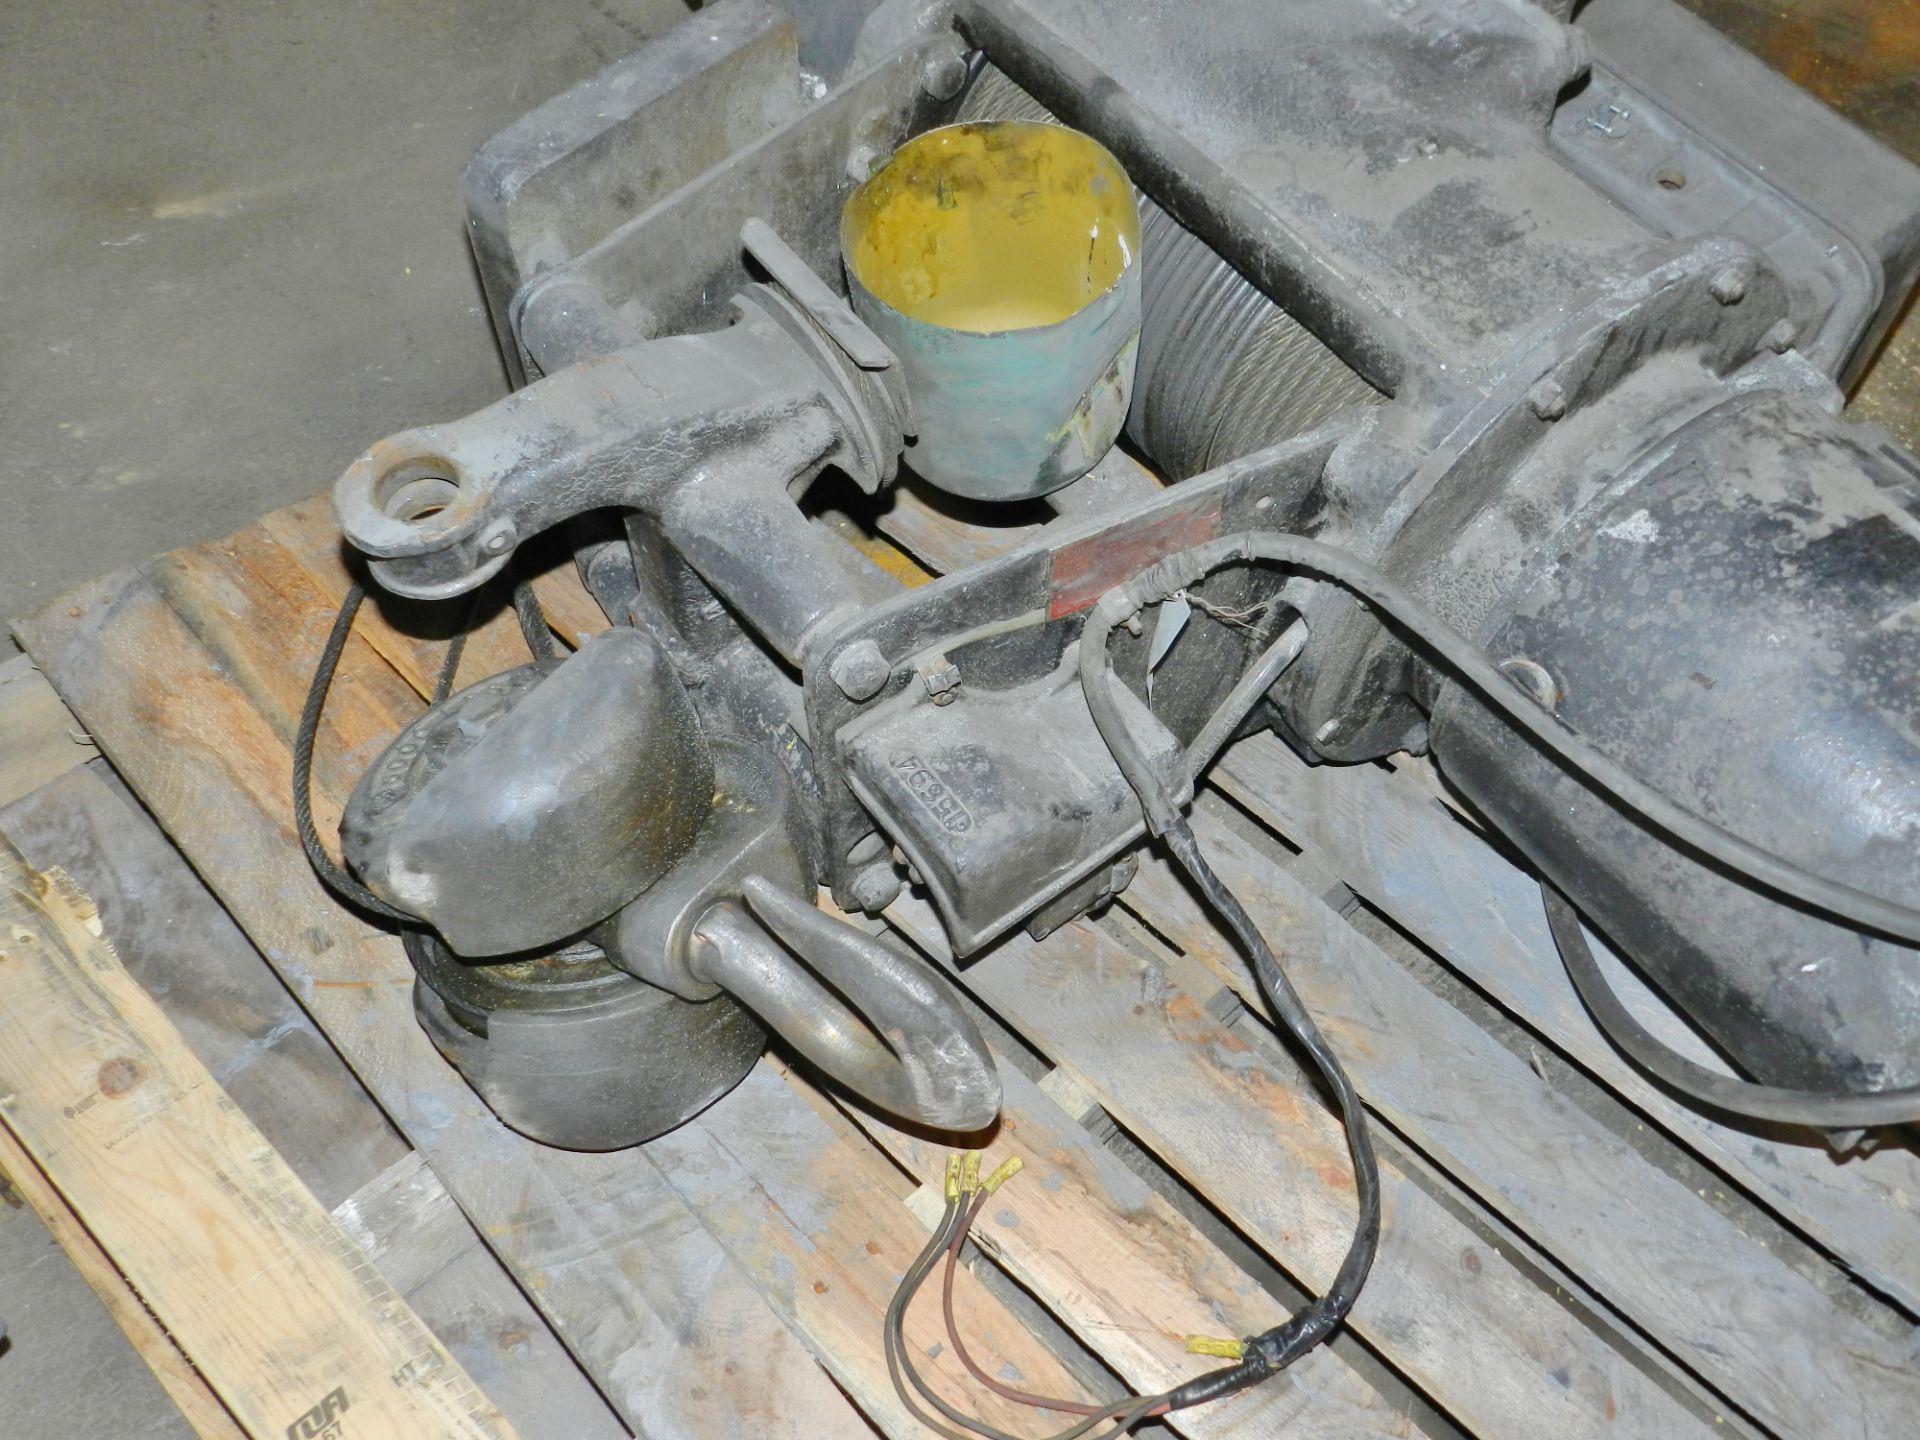 Lot 41 - Cleveland Tramrail 3 Ton Cable Hoist